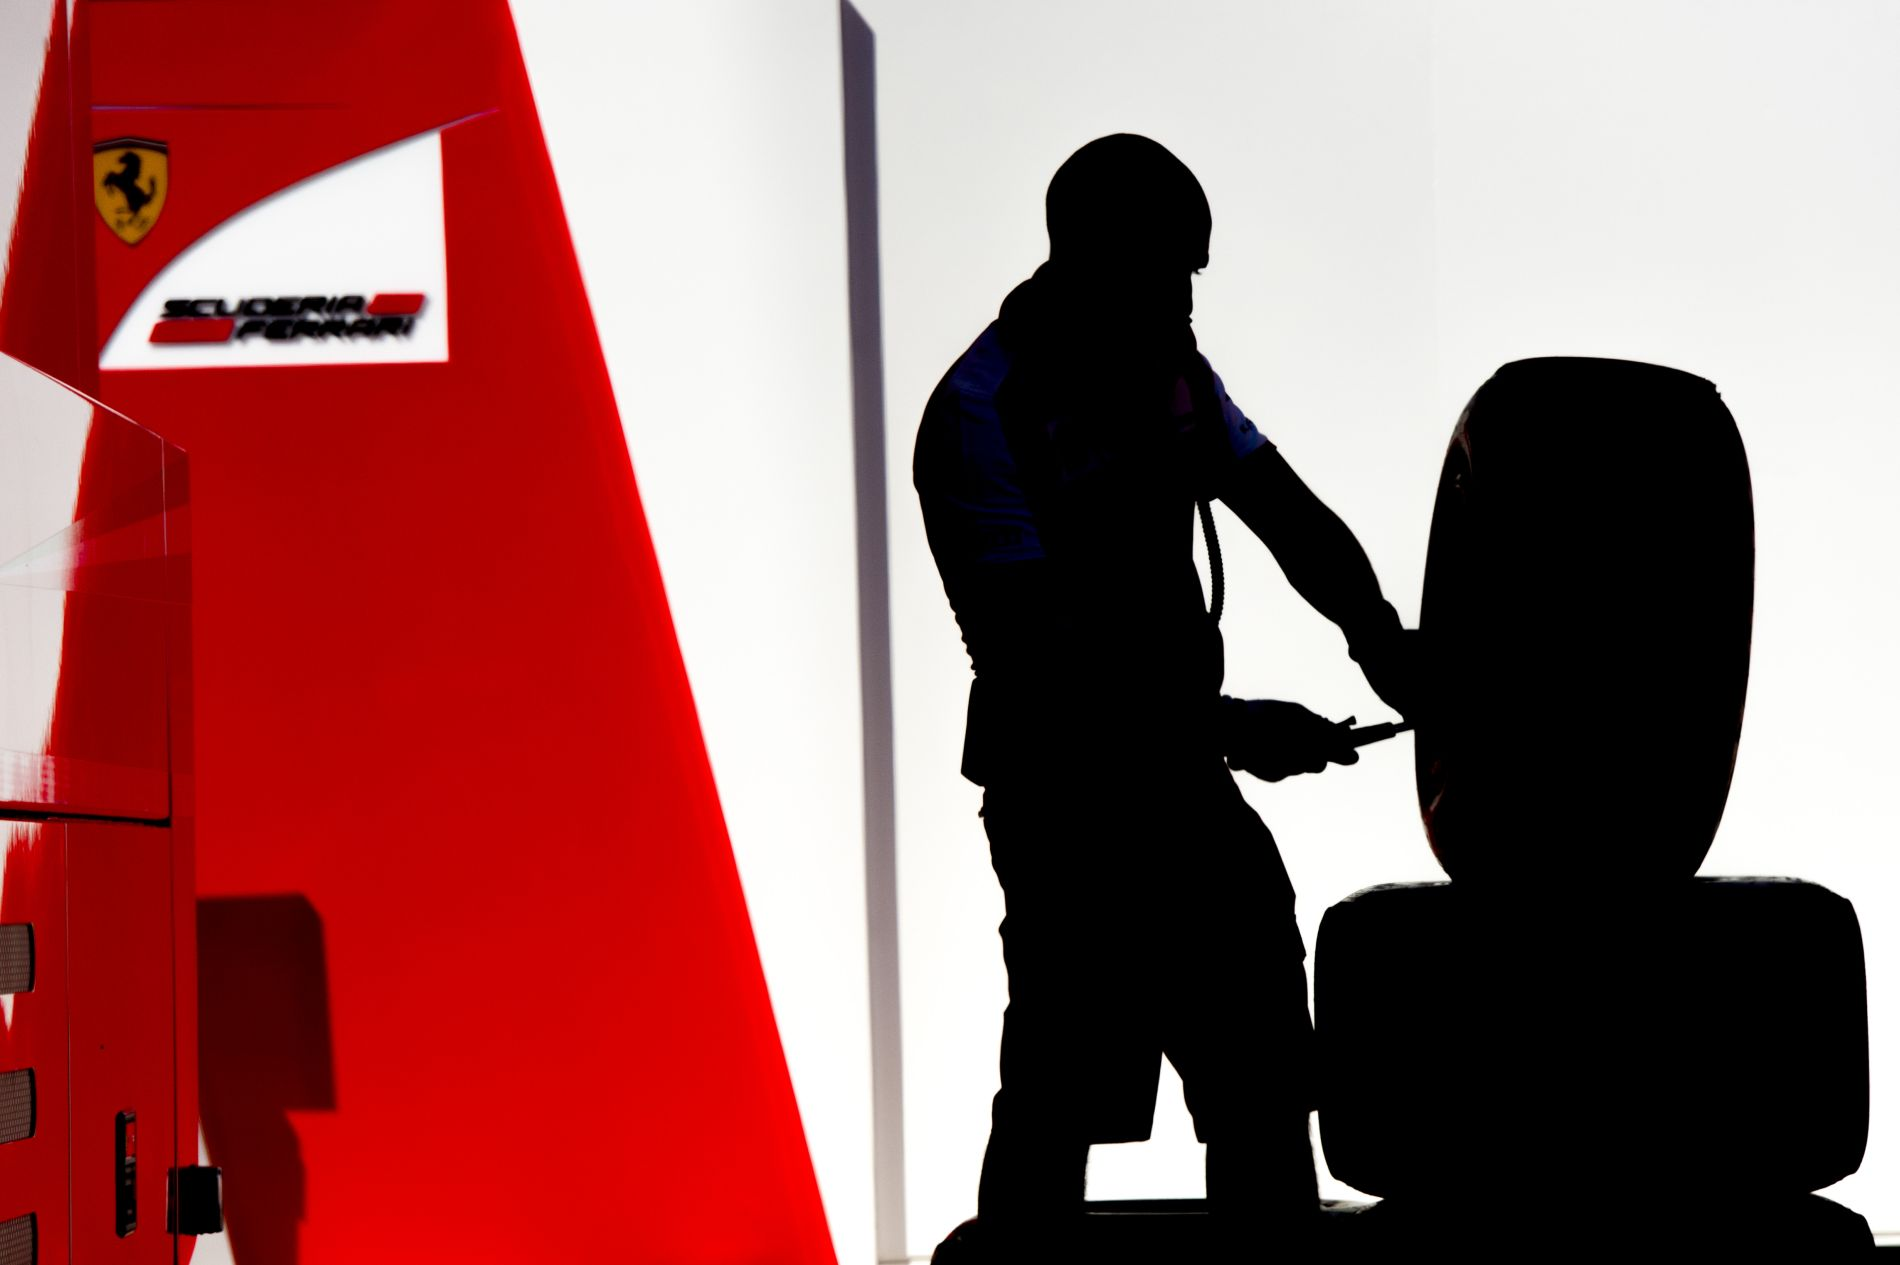 Az FIA figyelmeztet: büntetés jár azoknak, akik trükköznek a guminyomással, dőlésszöggel